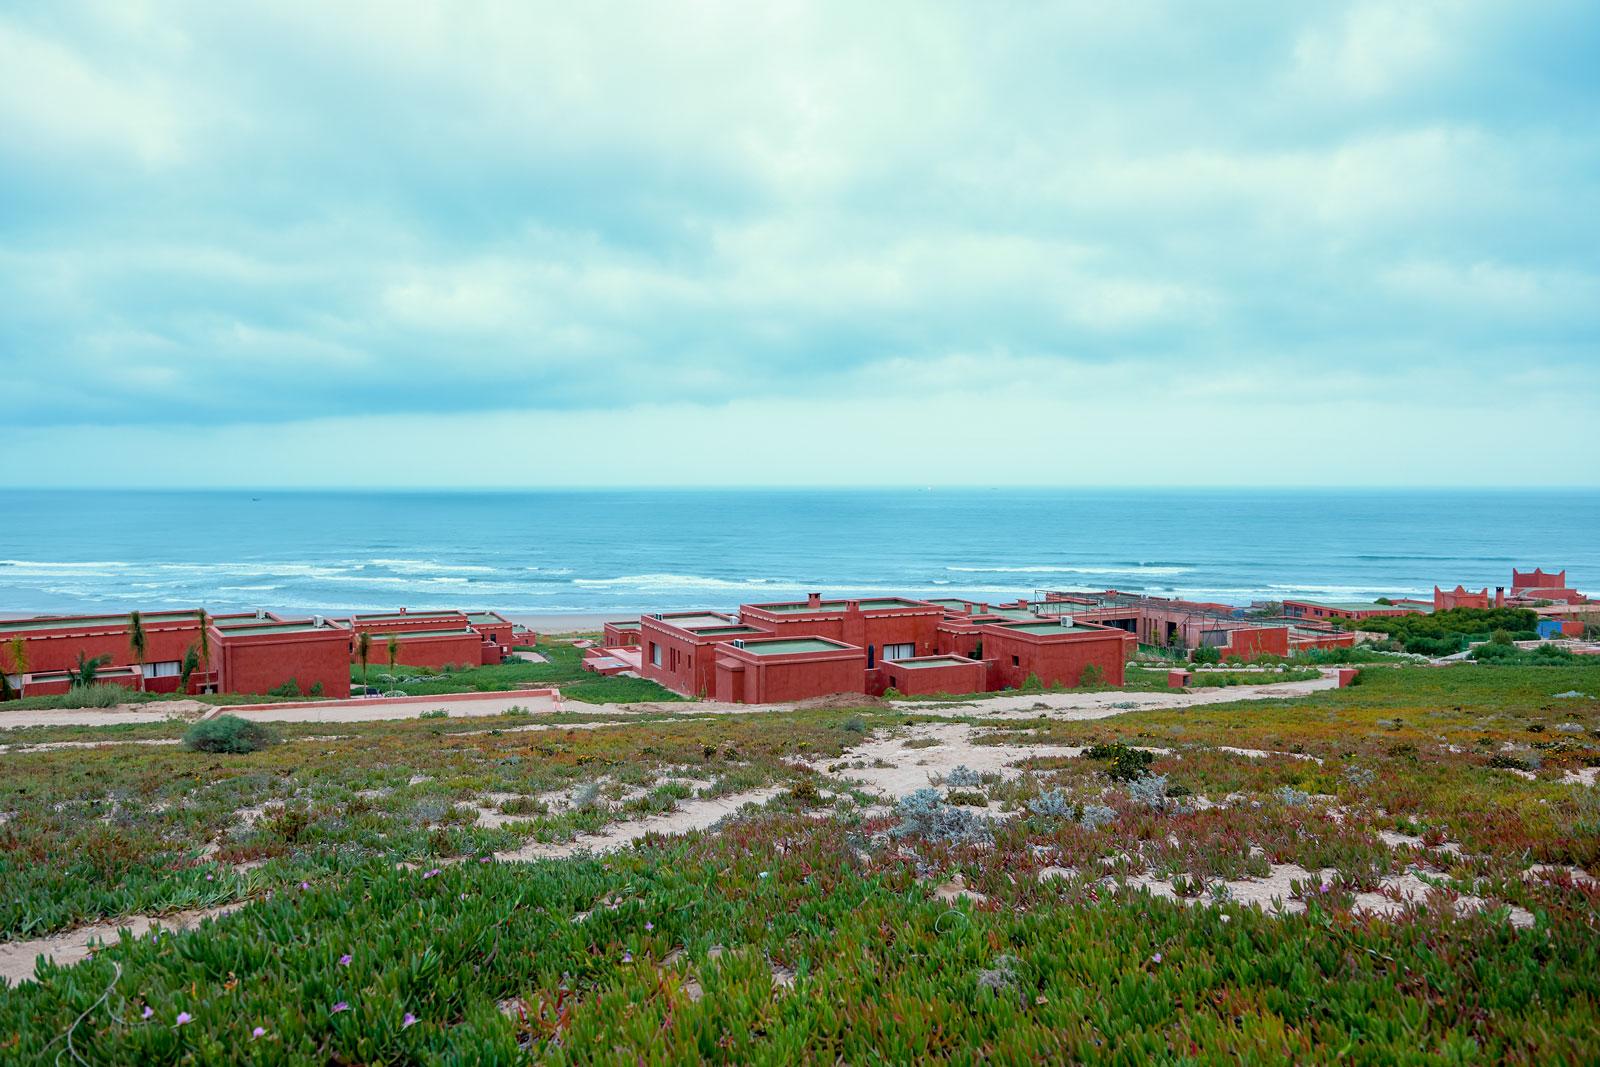 Bild einer marokkanischen Hotelanlage am Meer